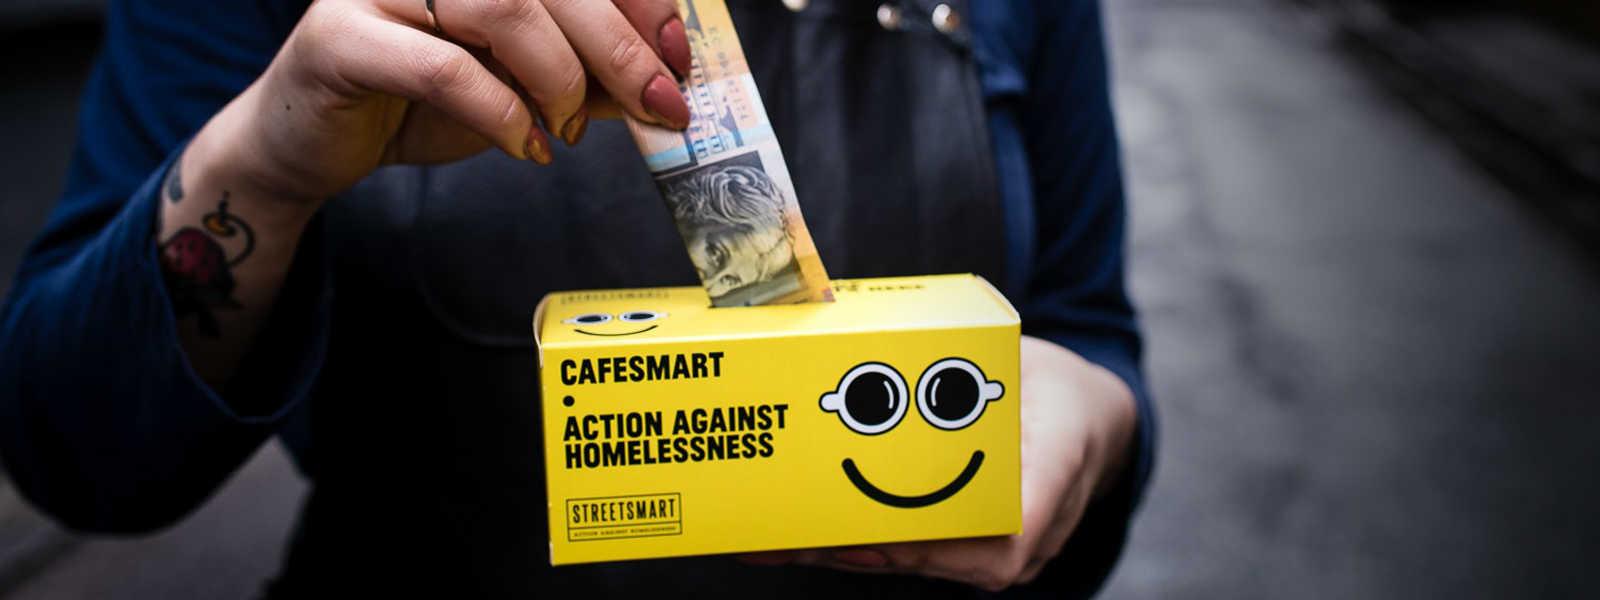 CafeSmart-2017-Web-Sliders-MoneyBoxImage_v2